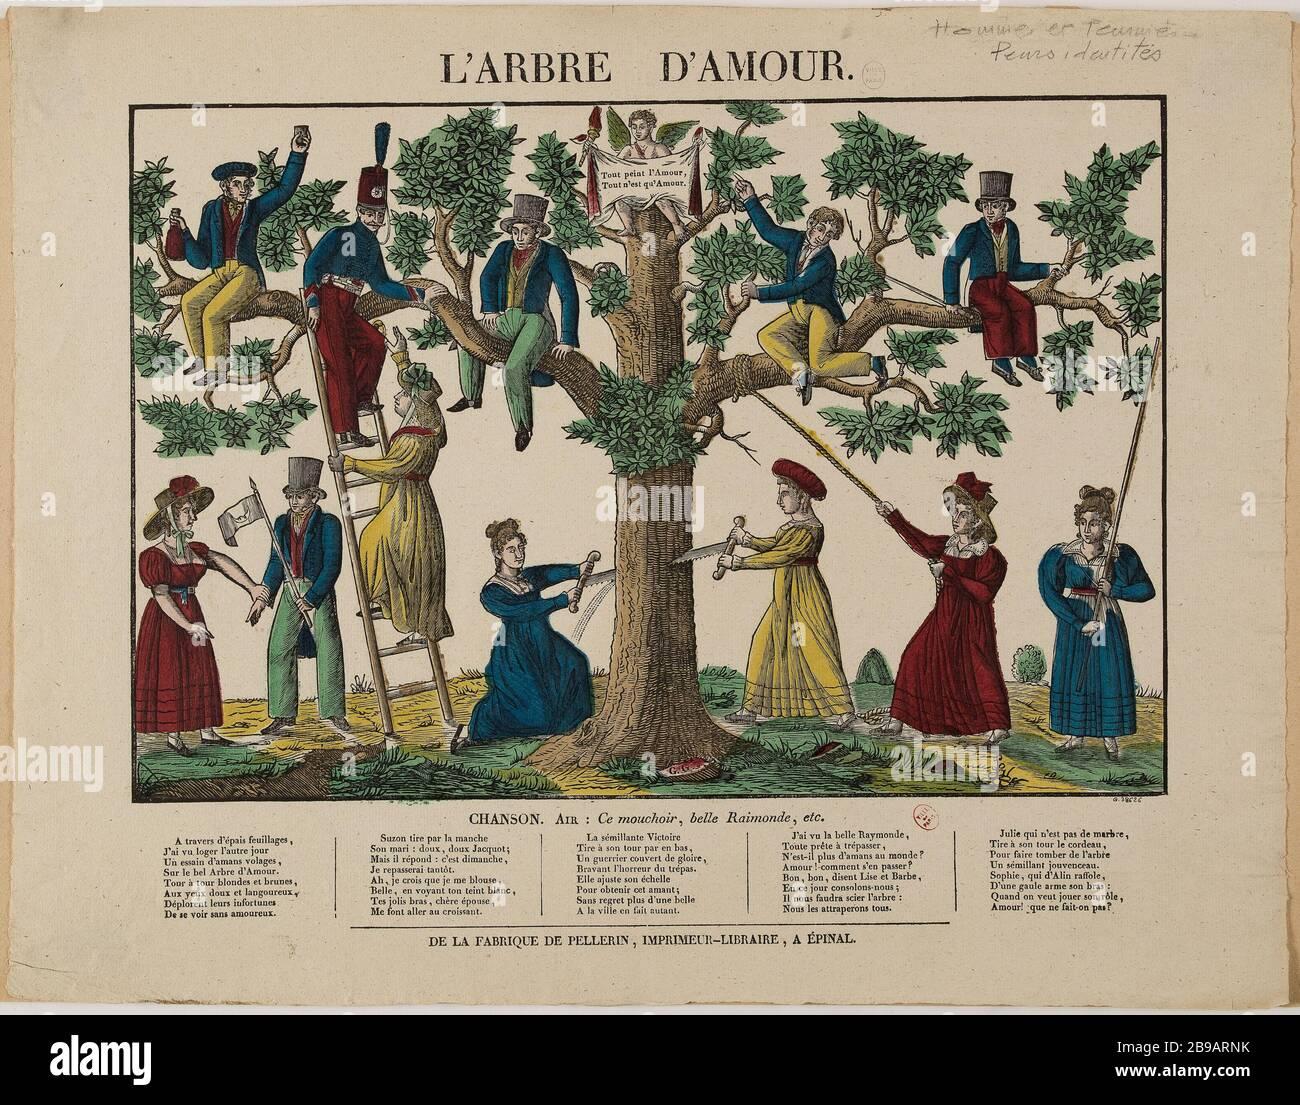 """ALLEGORY; THE TREE OF LOVE Anonyme /chez Pellerin. """"Allégorie; L'arbre d'amour"""".Bois gravé colorié. Paris, musée Carnavalet. Stock Photo"""